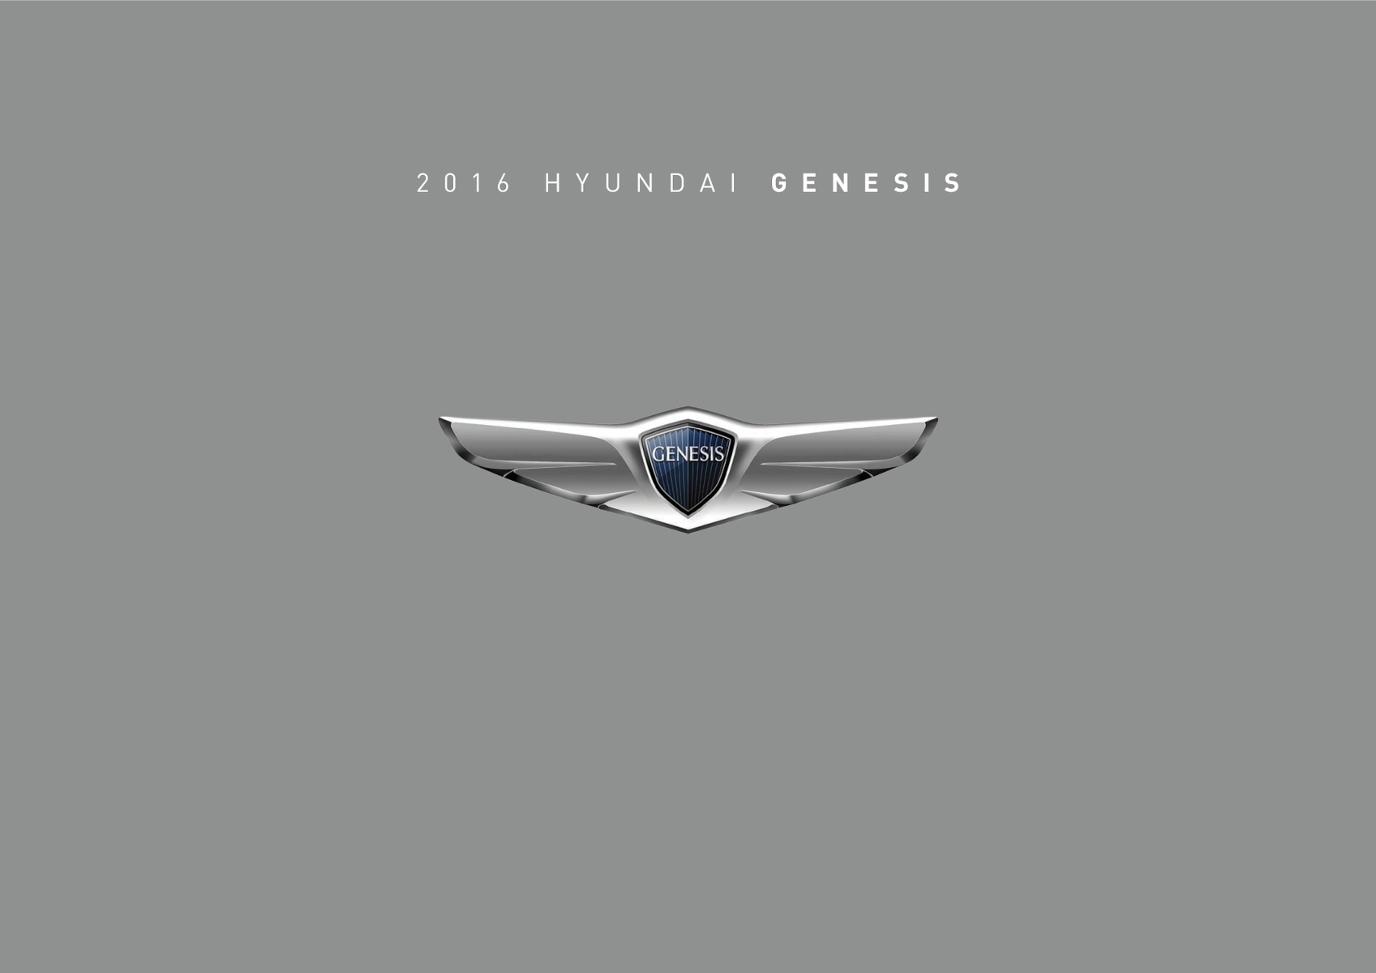 2016 Hyundai Genesis Brochure